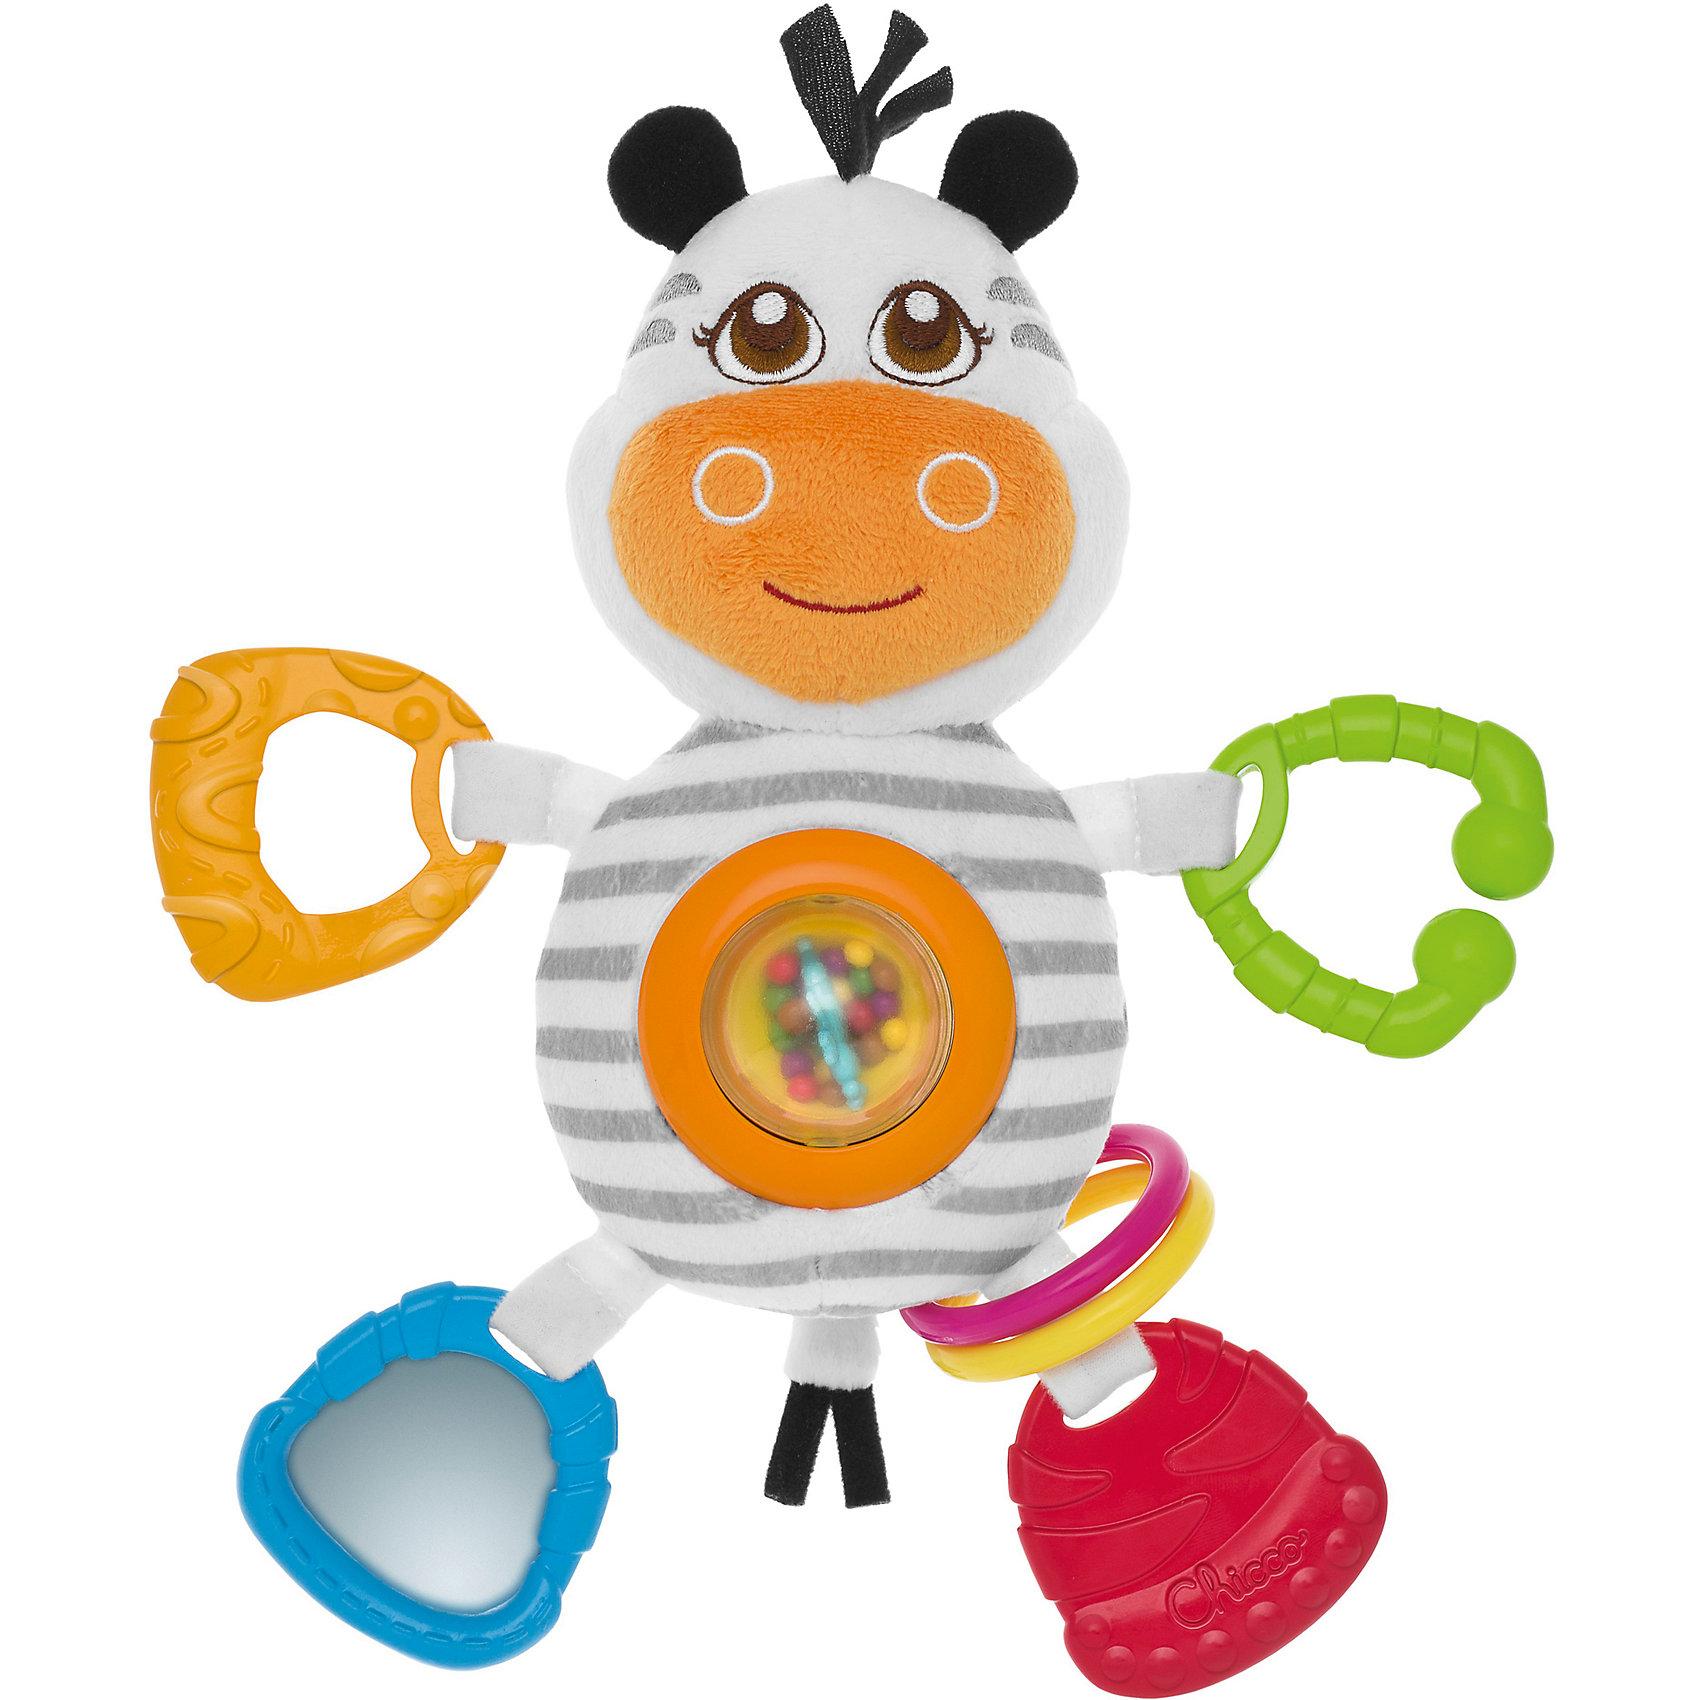 Мягкая игрушка-погремушка Зебра, ChiccoМягкие игрушки<br>Мягкая игрушка-погремушка Зебра, Chicco (Чикко) - это забавная оригинальная игрушка для вашего малыша.<br>Мягкая игрушка-погремушка Зебра от Chicco (Чикко) привлечет внимание вашего малыша и не позволит ему скучать! Игрушка выполнена из мягкого текстильного материала в виде симпатичной полосатой зебры. Ее глазки, носик и щечки вышиты нитками, а если нажать на голову, то послышится звук пищалки. На ее животике расположена вращающаяся прозрачная сфера, внутри которой находятся маленькие разноцветные шарики. Если игрушку потрясти, они будут весело перекатываться и греметь. Ручки и ножки зебры из мягкого пластика с разными рисунками, их можно использовать как прорезыватели для зубов. Вместо одной ножки - безопасное зеркальце. Форма погремушки удобна для маленьких ручек ребенка. Он сможет ее держать, трясти и перекладывать из одной ручки в другую. Яркая игрушка-погремушка поможет малышу в развитии цветового и звукового восприятия, концентрации внимания, мелкой моторики рук, координации движений и тактильных ощущений. Изготовлена из безопасных для здоровья ребенка материалов. При желании поверхность игрушки можно аккуратно вымыть.<br><br>Дополнительная информация:<br><br>- Размер игрушки: 24 х 10 х 6,5 см.<br>- Материал: высококачественный пластик, текстиль, мягкий наполнитель<br>- Размер упаковки: 26 х 20 х 7 см.<br>- Вес: 170 гр.<br><br>Мягкую игрушку-погремушку Зебра, Chicco (Чикко) можно купить в нашем интернет-магазине.<br><br>Ширина мм: 262<br>Глубина мм: 195<br>Высота мм: 73<br>Вес г: 184<br>Возраст от месяцев: 3<br>Возраст до месяцев: 12<br>Пол: Унисекс<br>Возраст: Детский<br>SKU: 3943188